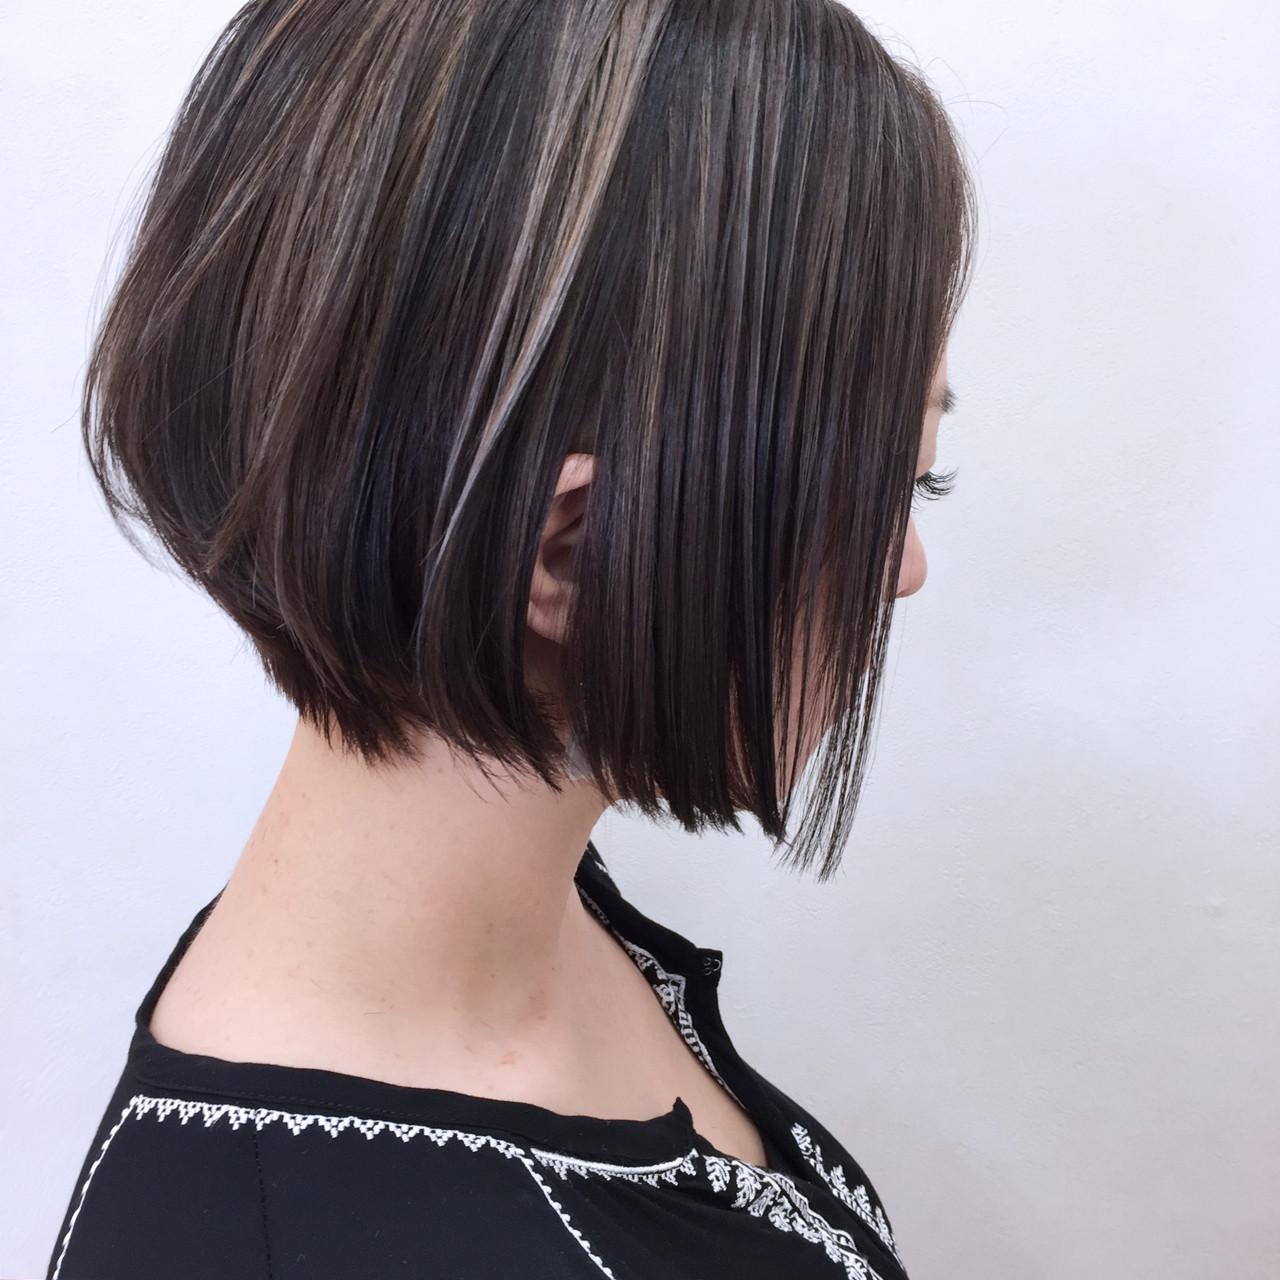 ウェットヘア ストレート グレージュ ハイライト ヘアスタイルや髪型の写真・画像